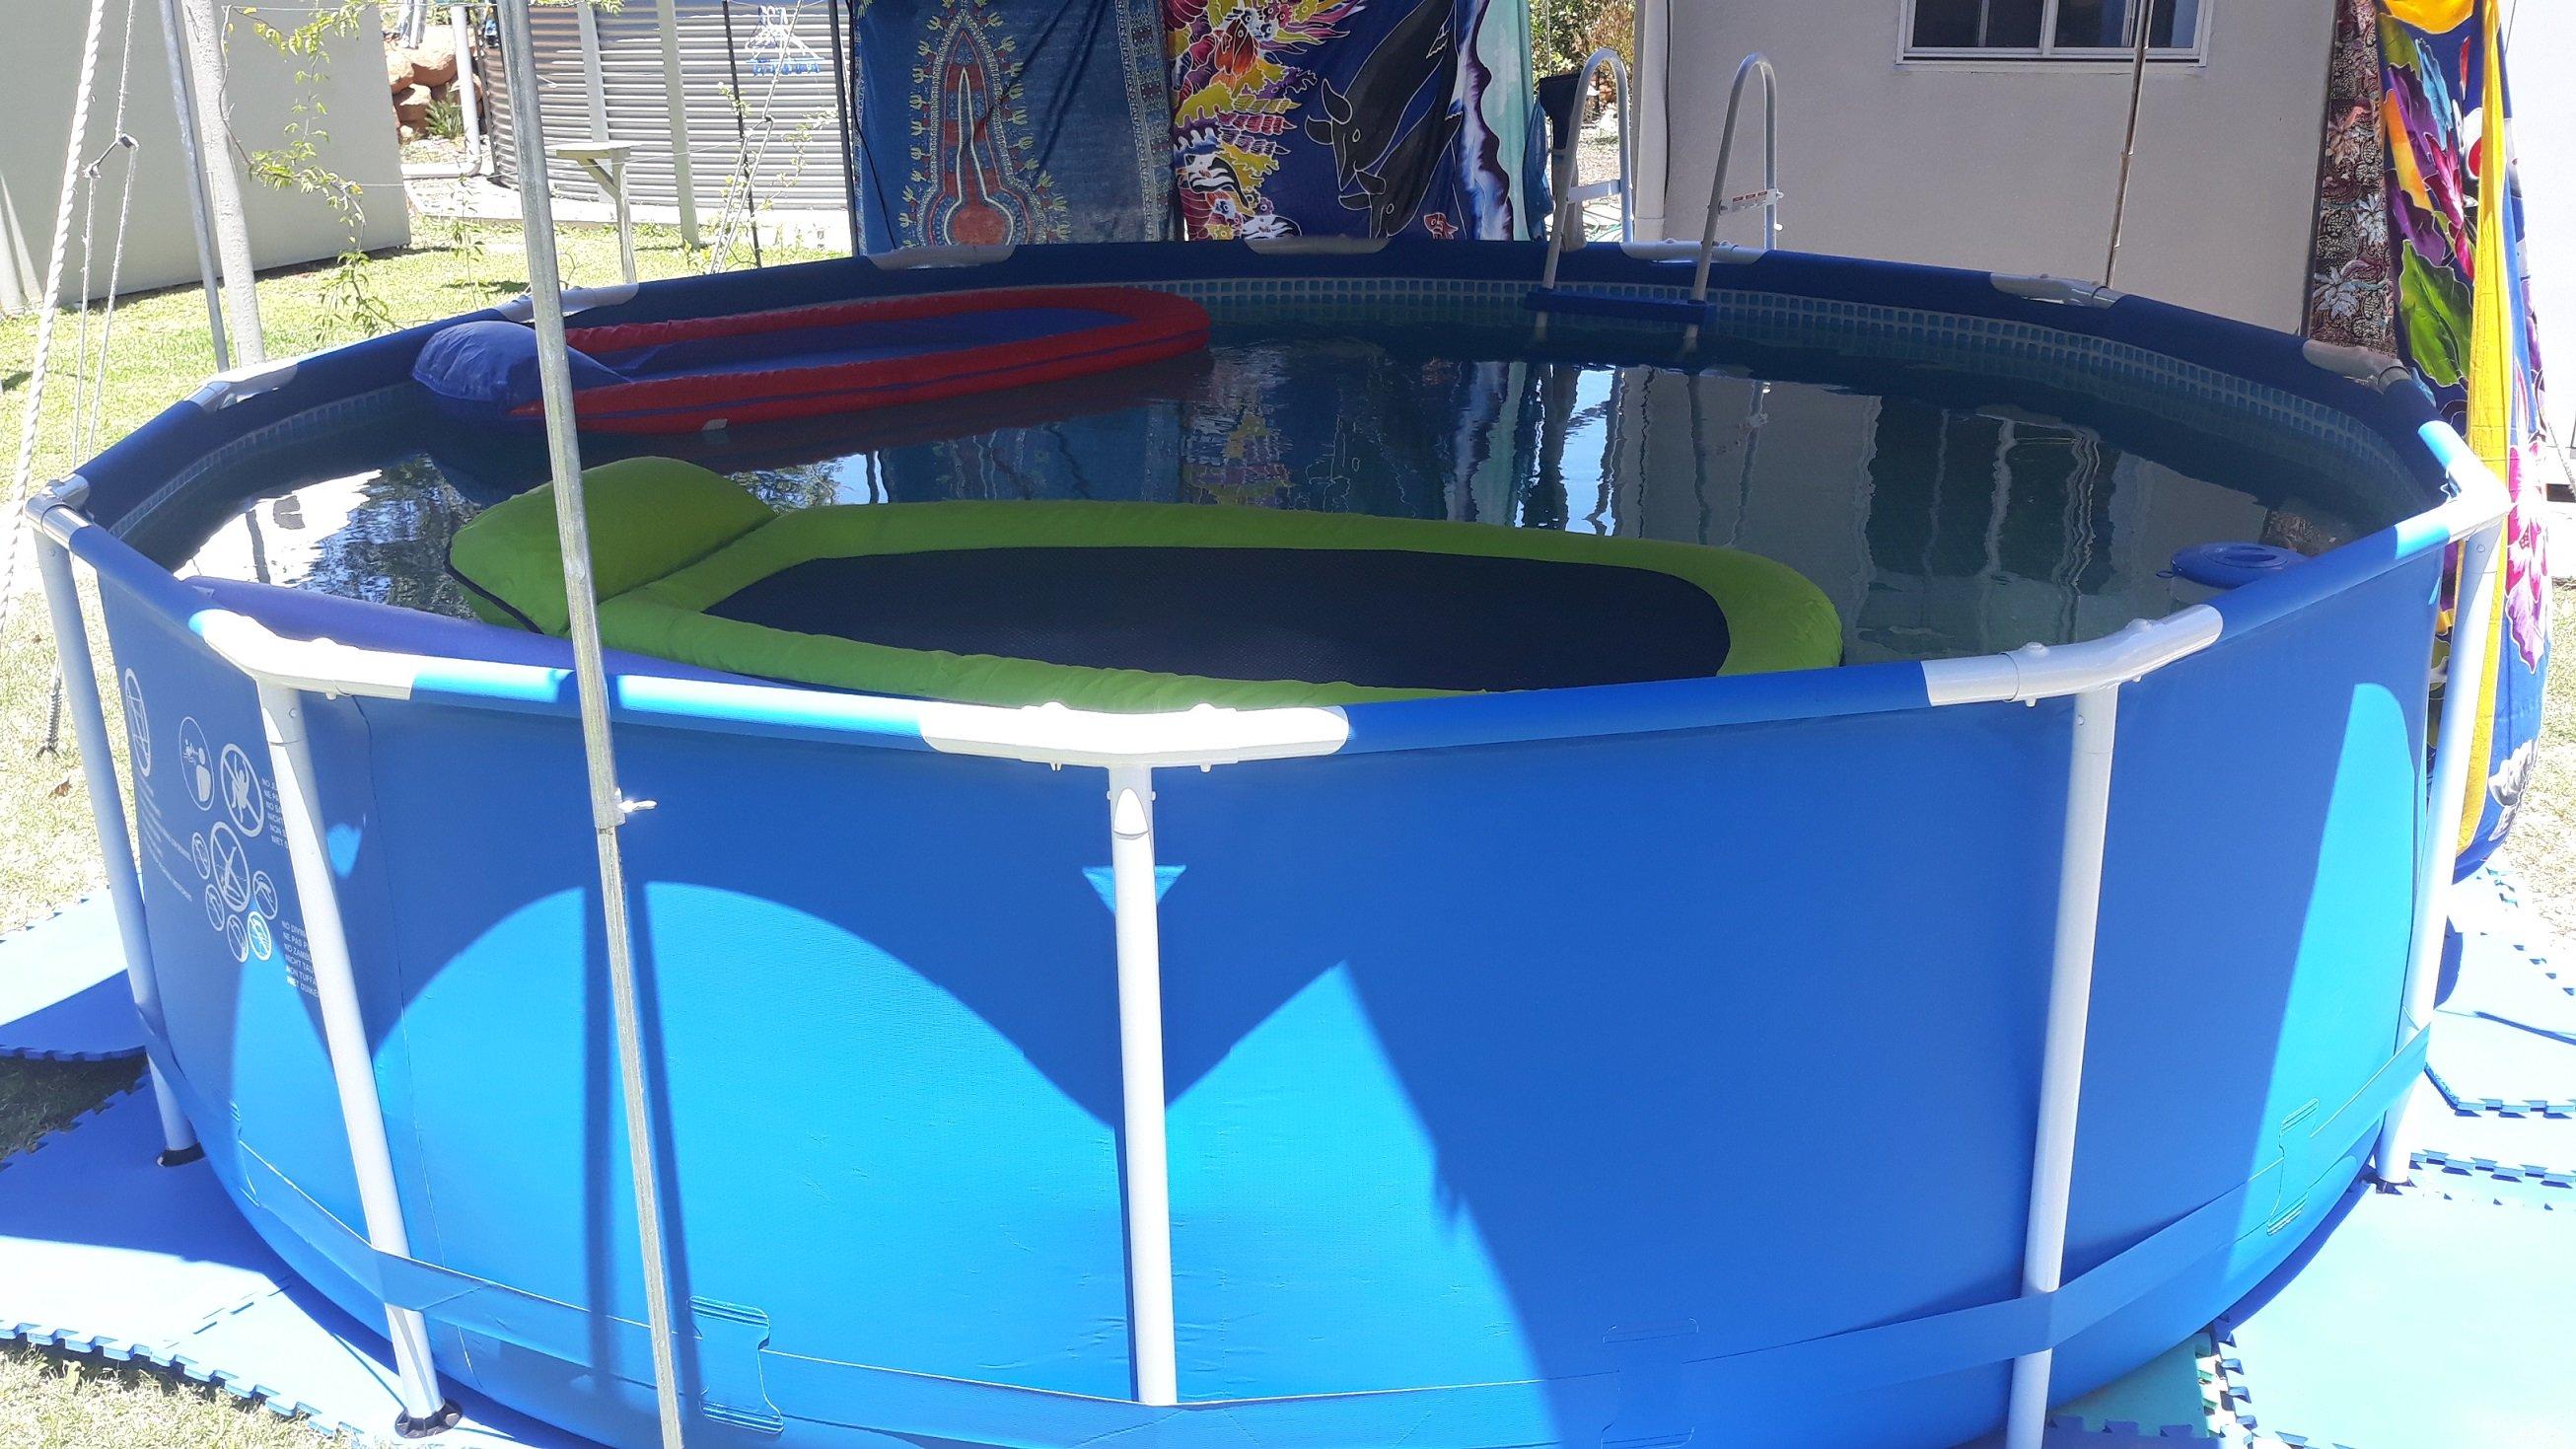 intex pool review